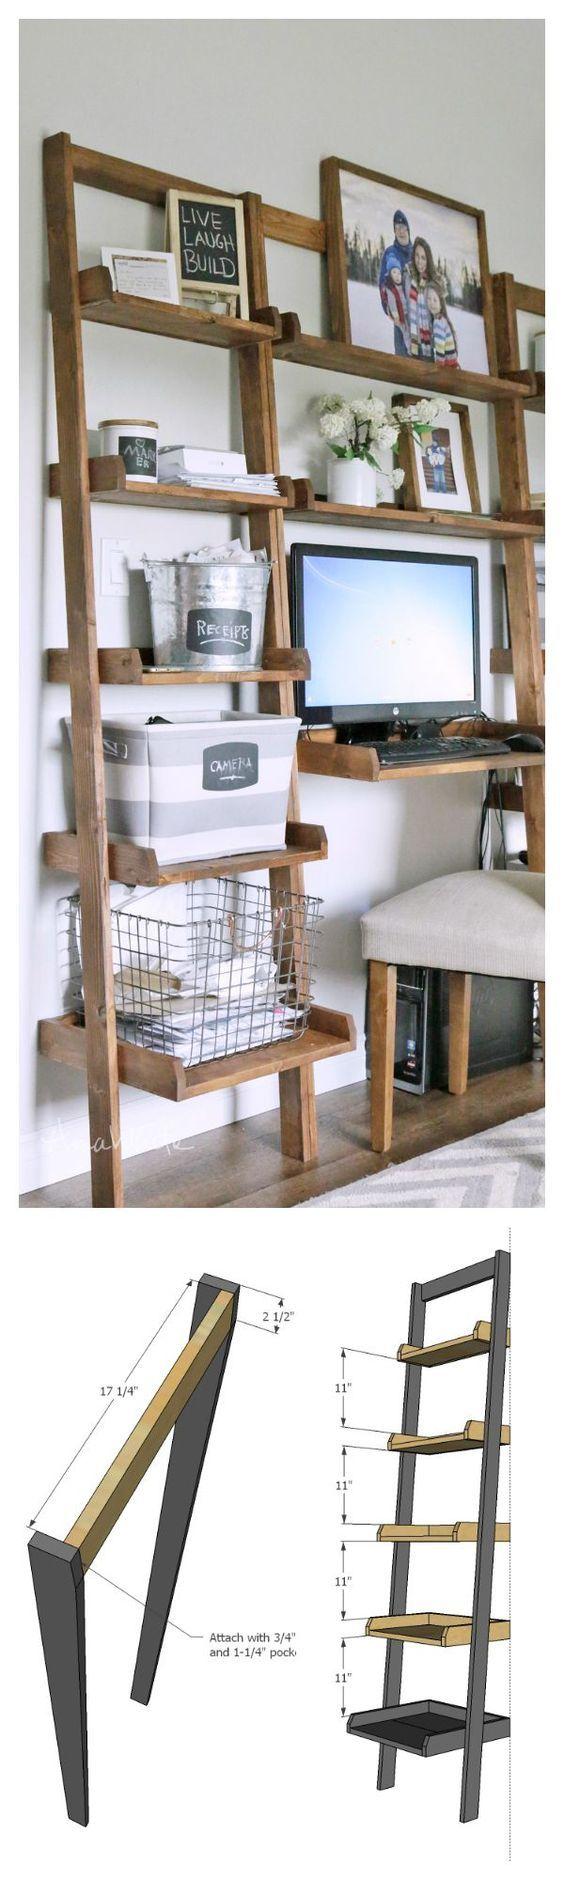 DIY : fabriquer un bureau avec des étagères